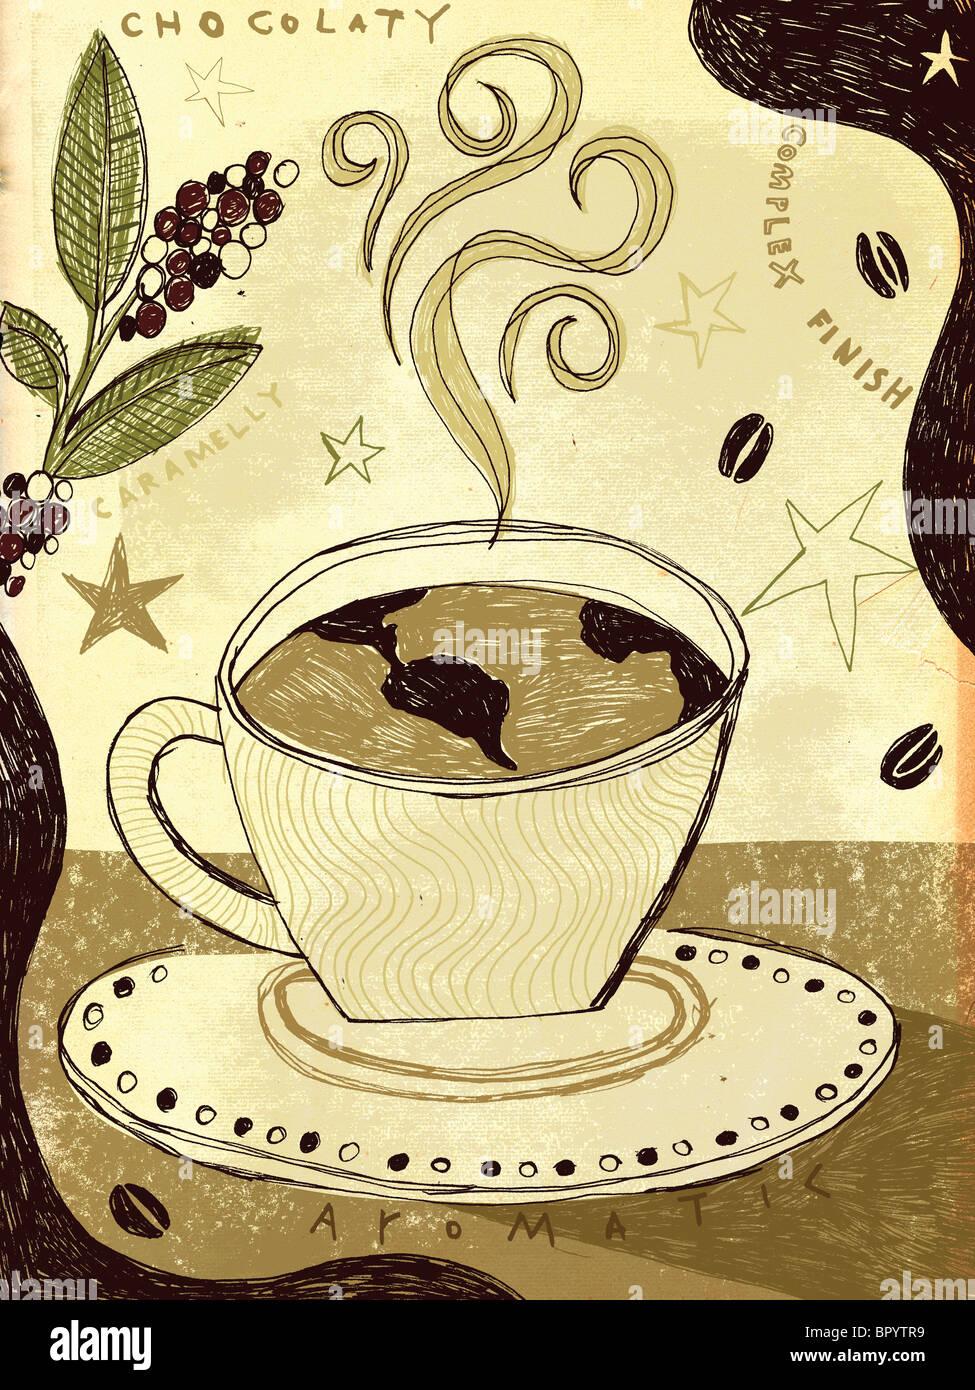 La cottura a vapore caffè caldo con un globo in esso Immagini Stock